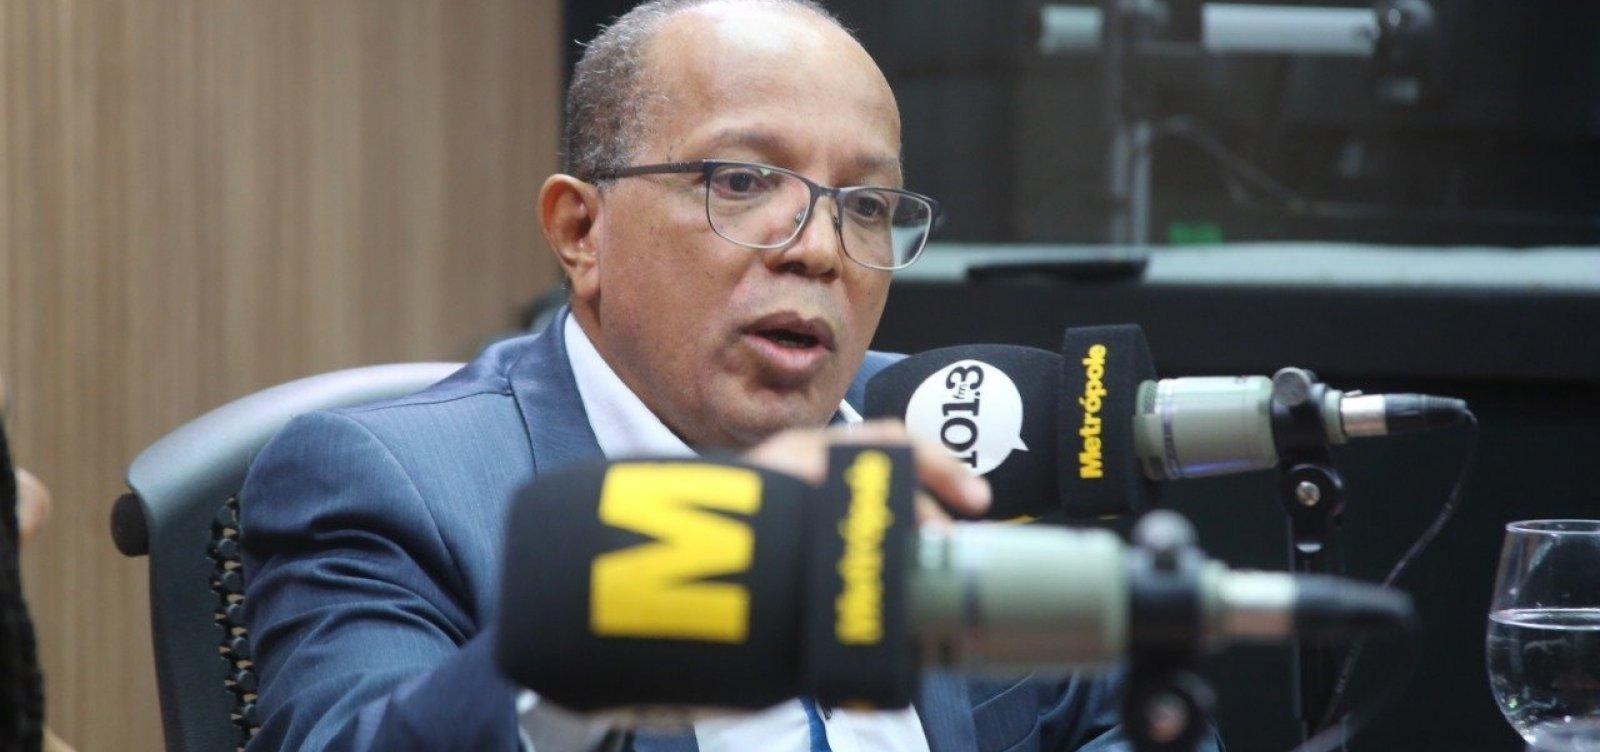 Suíca critica 'racismo institucional' no PT: 'A gente dá pouca oportunidade'